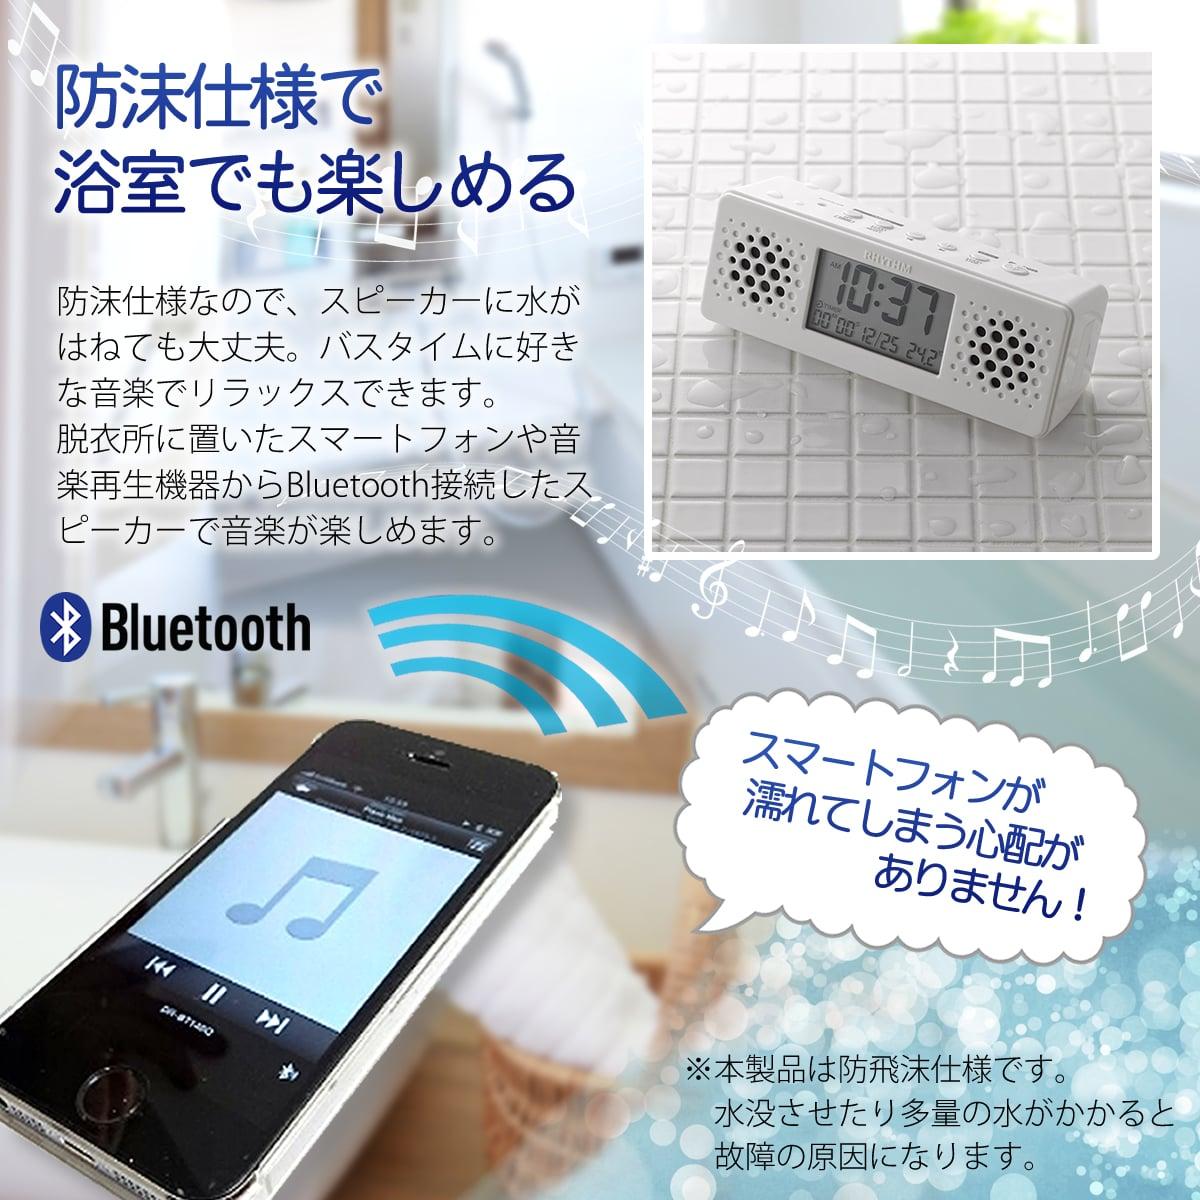 防まつ仕様で浴室でも楽しめます。Bluetooth接続なのでスマートフォンが濡れてしまう心配がありません!8RDA73RH03